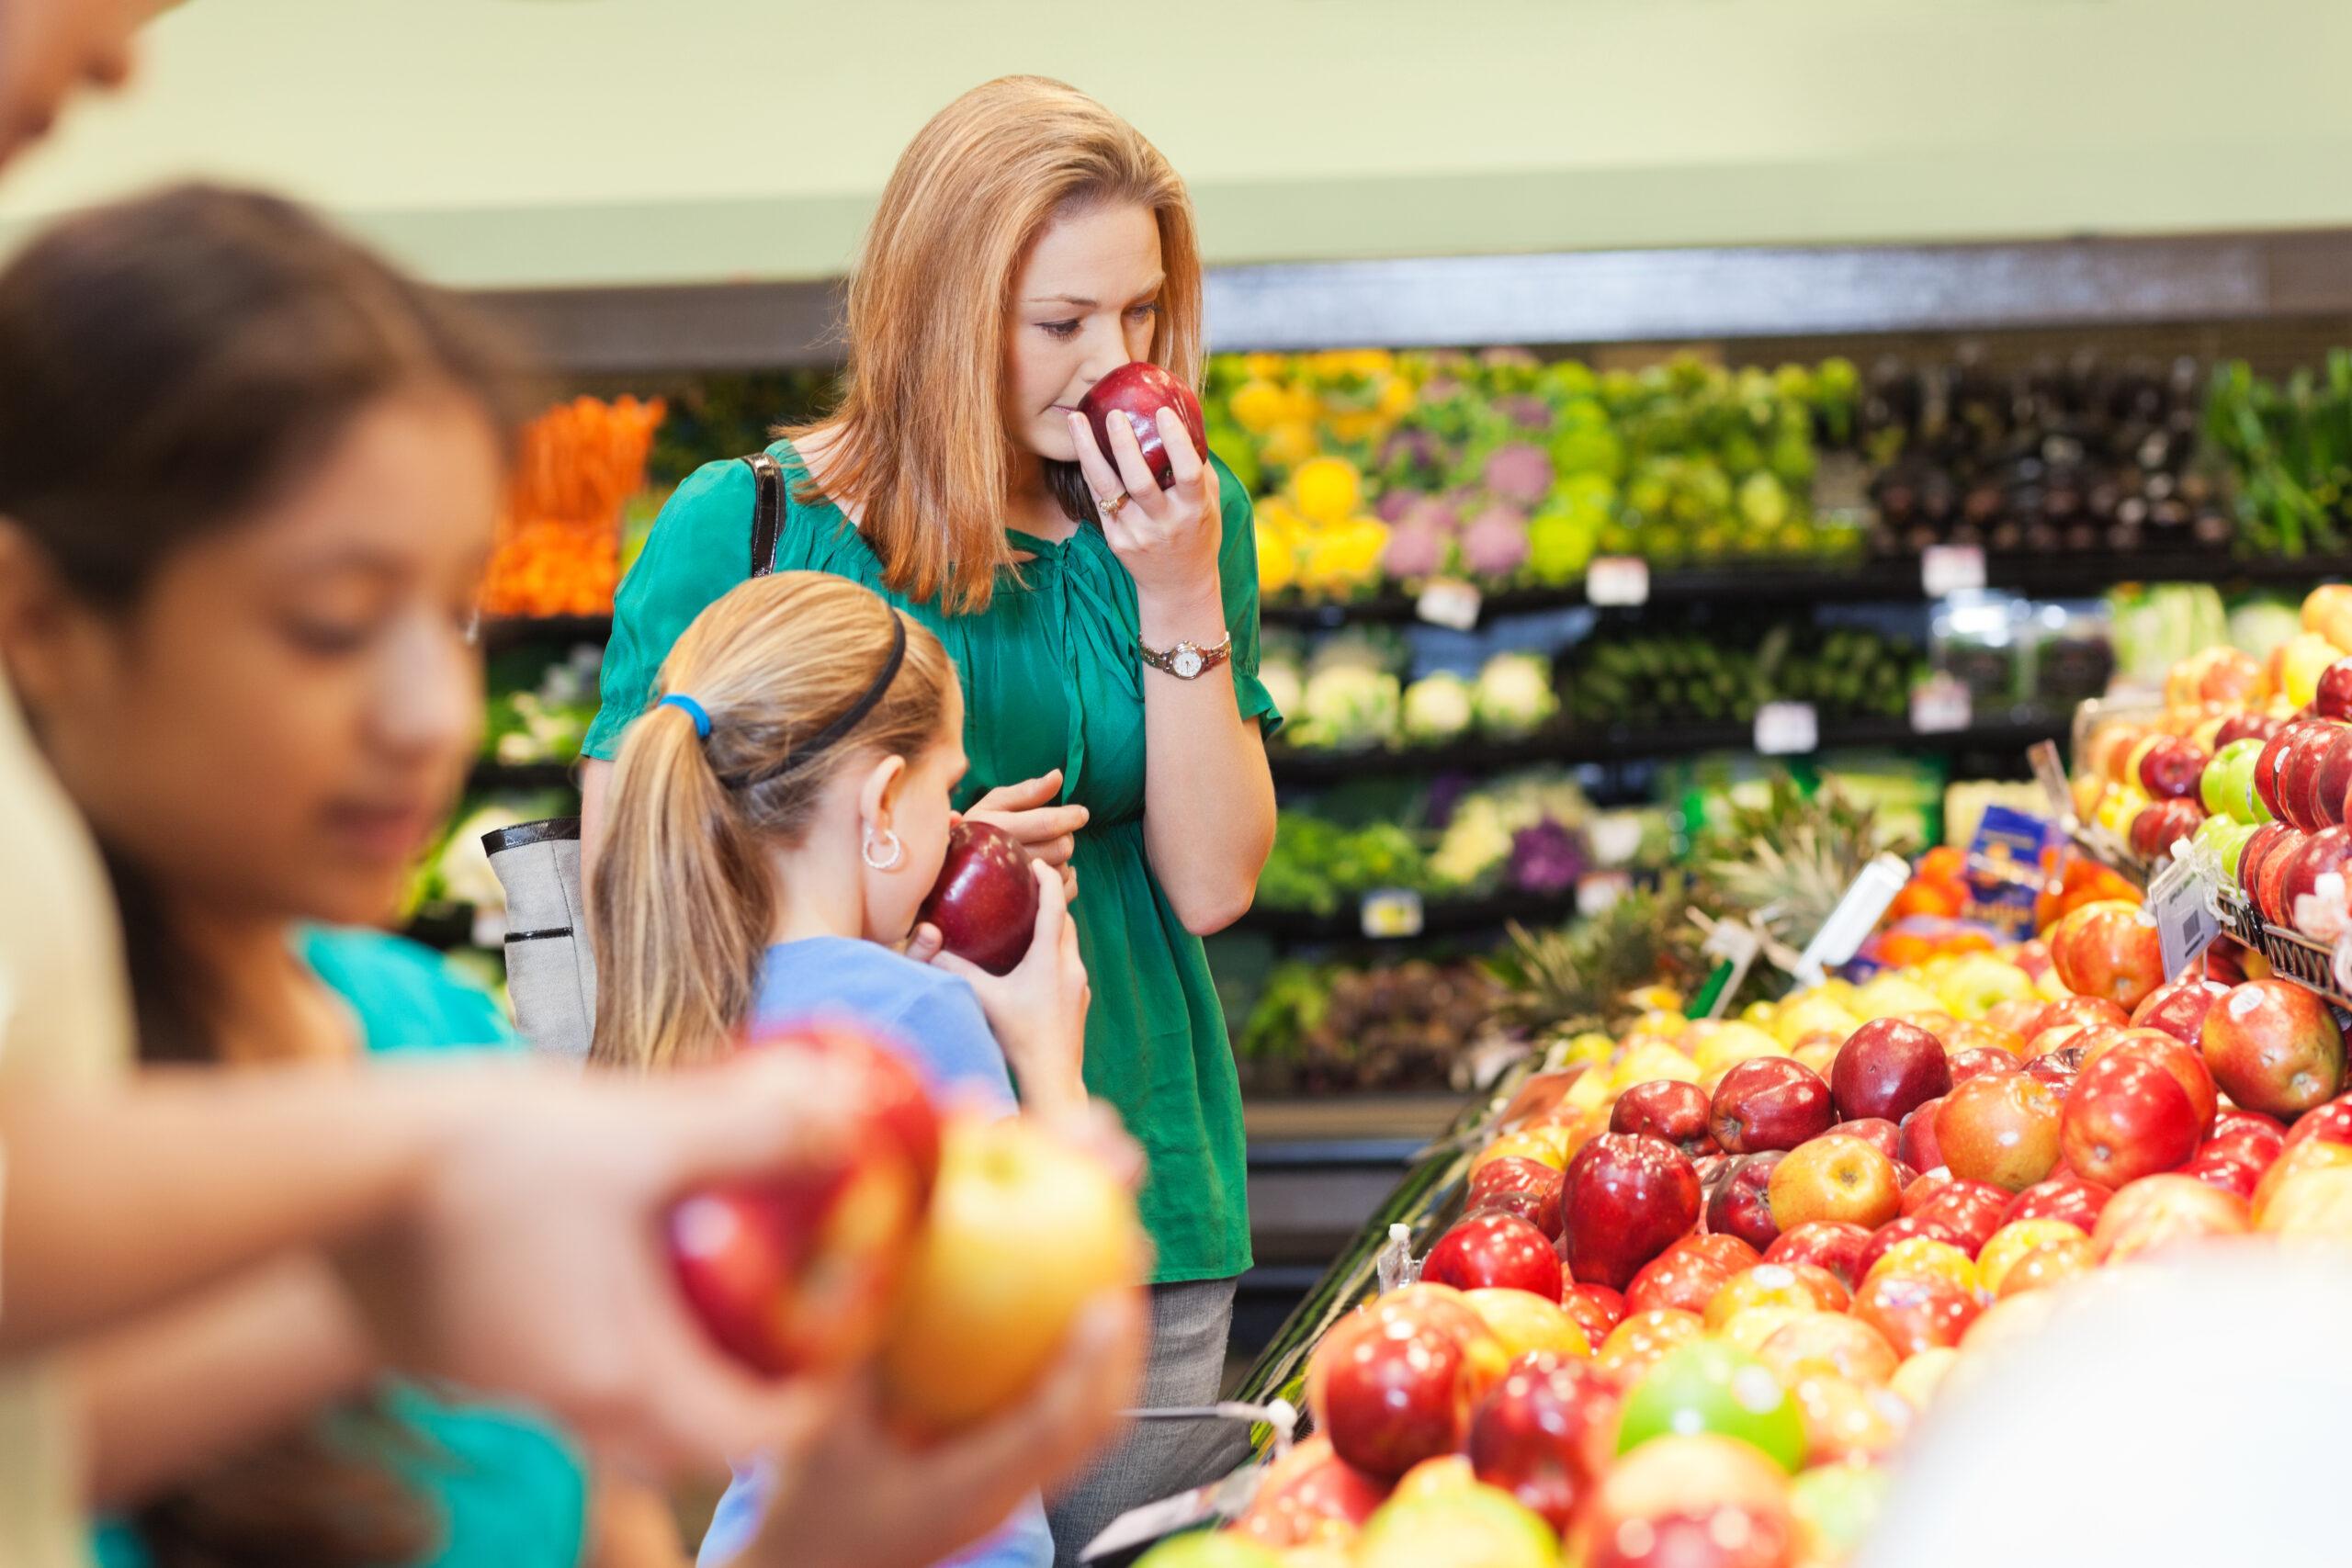 Frukt, Eko, äpple, mataffär, Grön, röd, mamma, dotter, grönsaker.